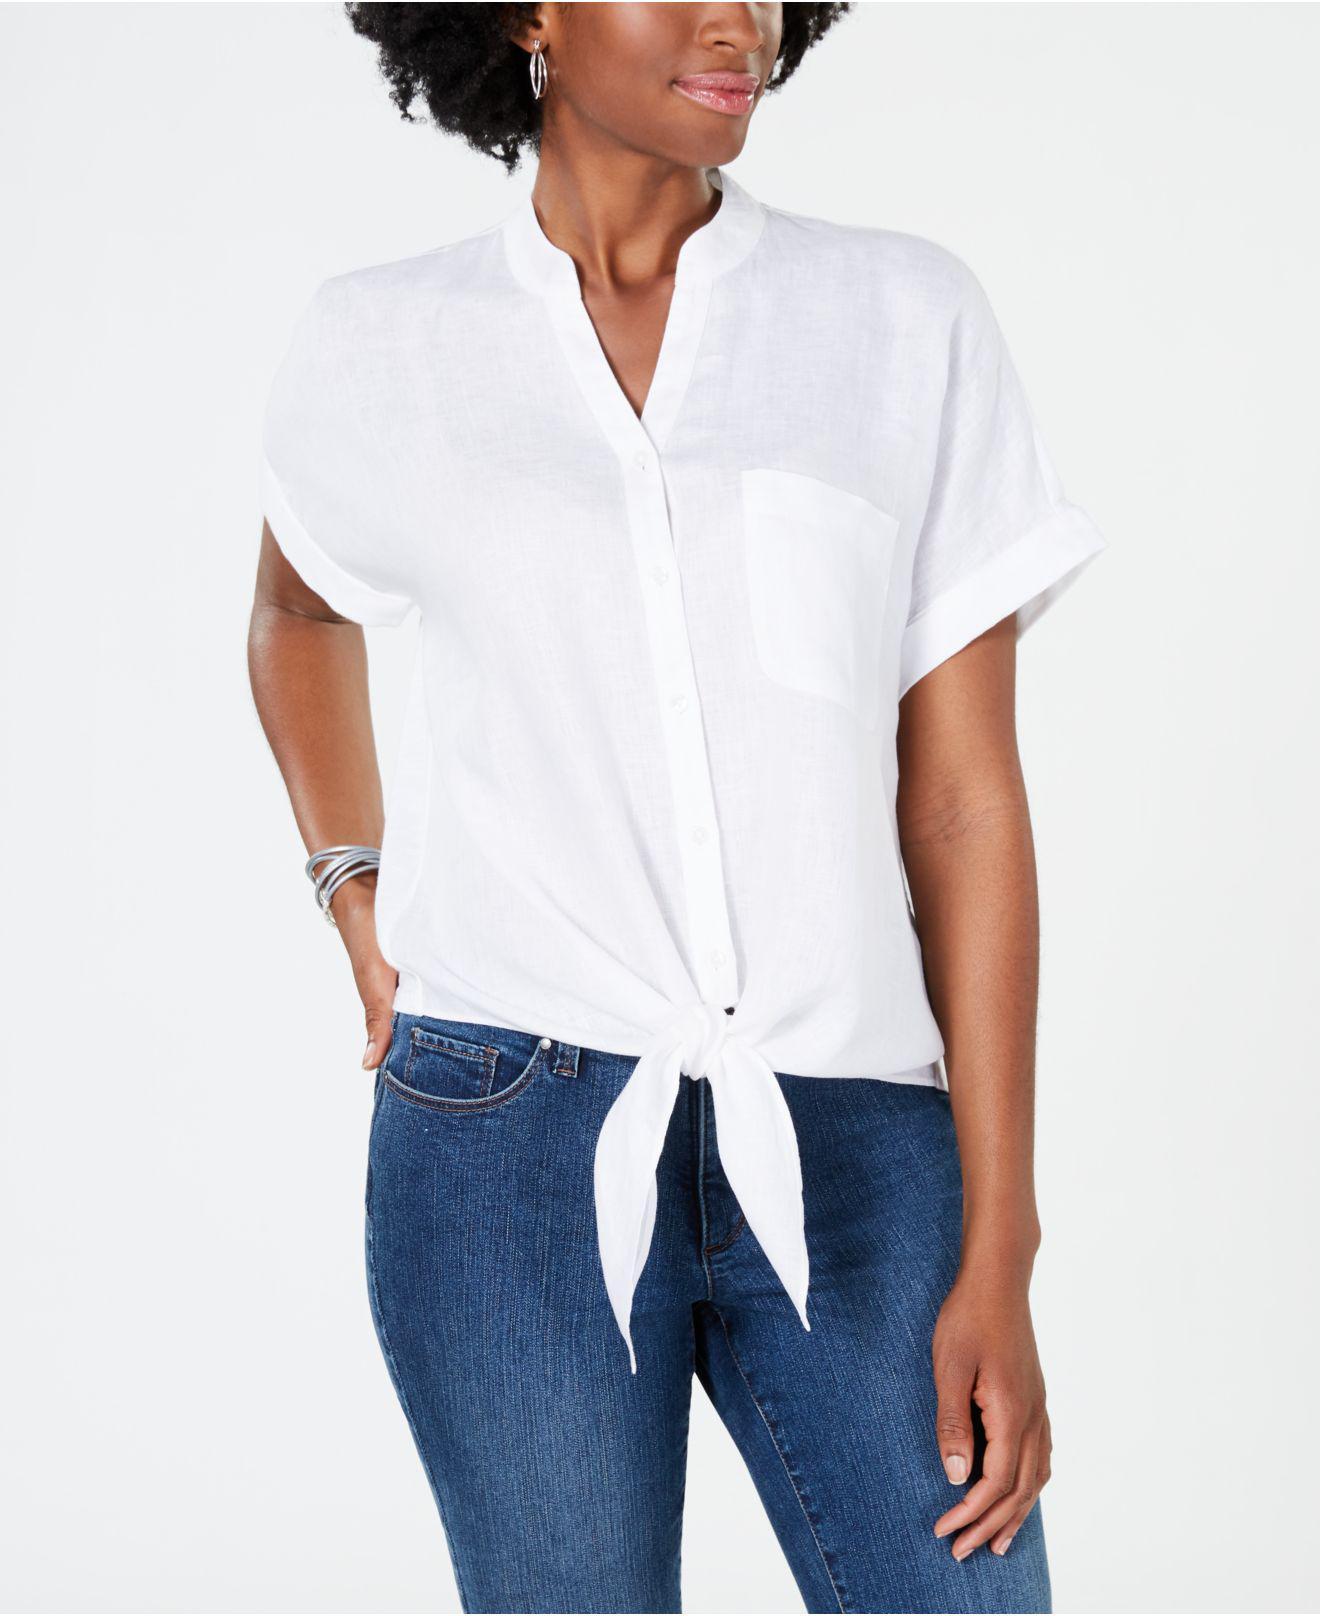 e6557c818da30d Lyst - Charter Club Linen Tie-front Shirt